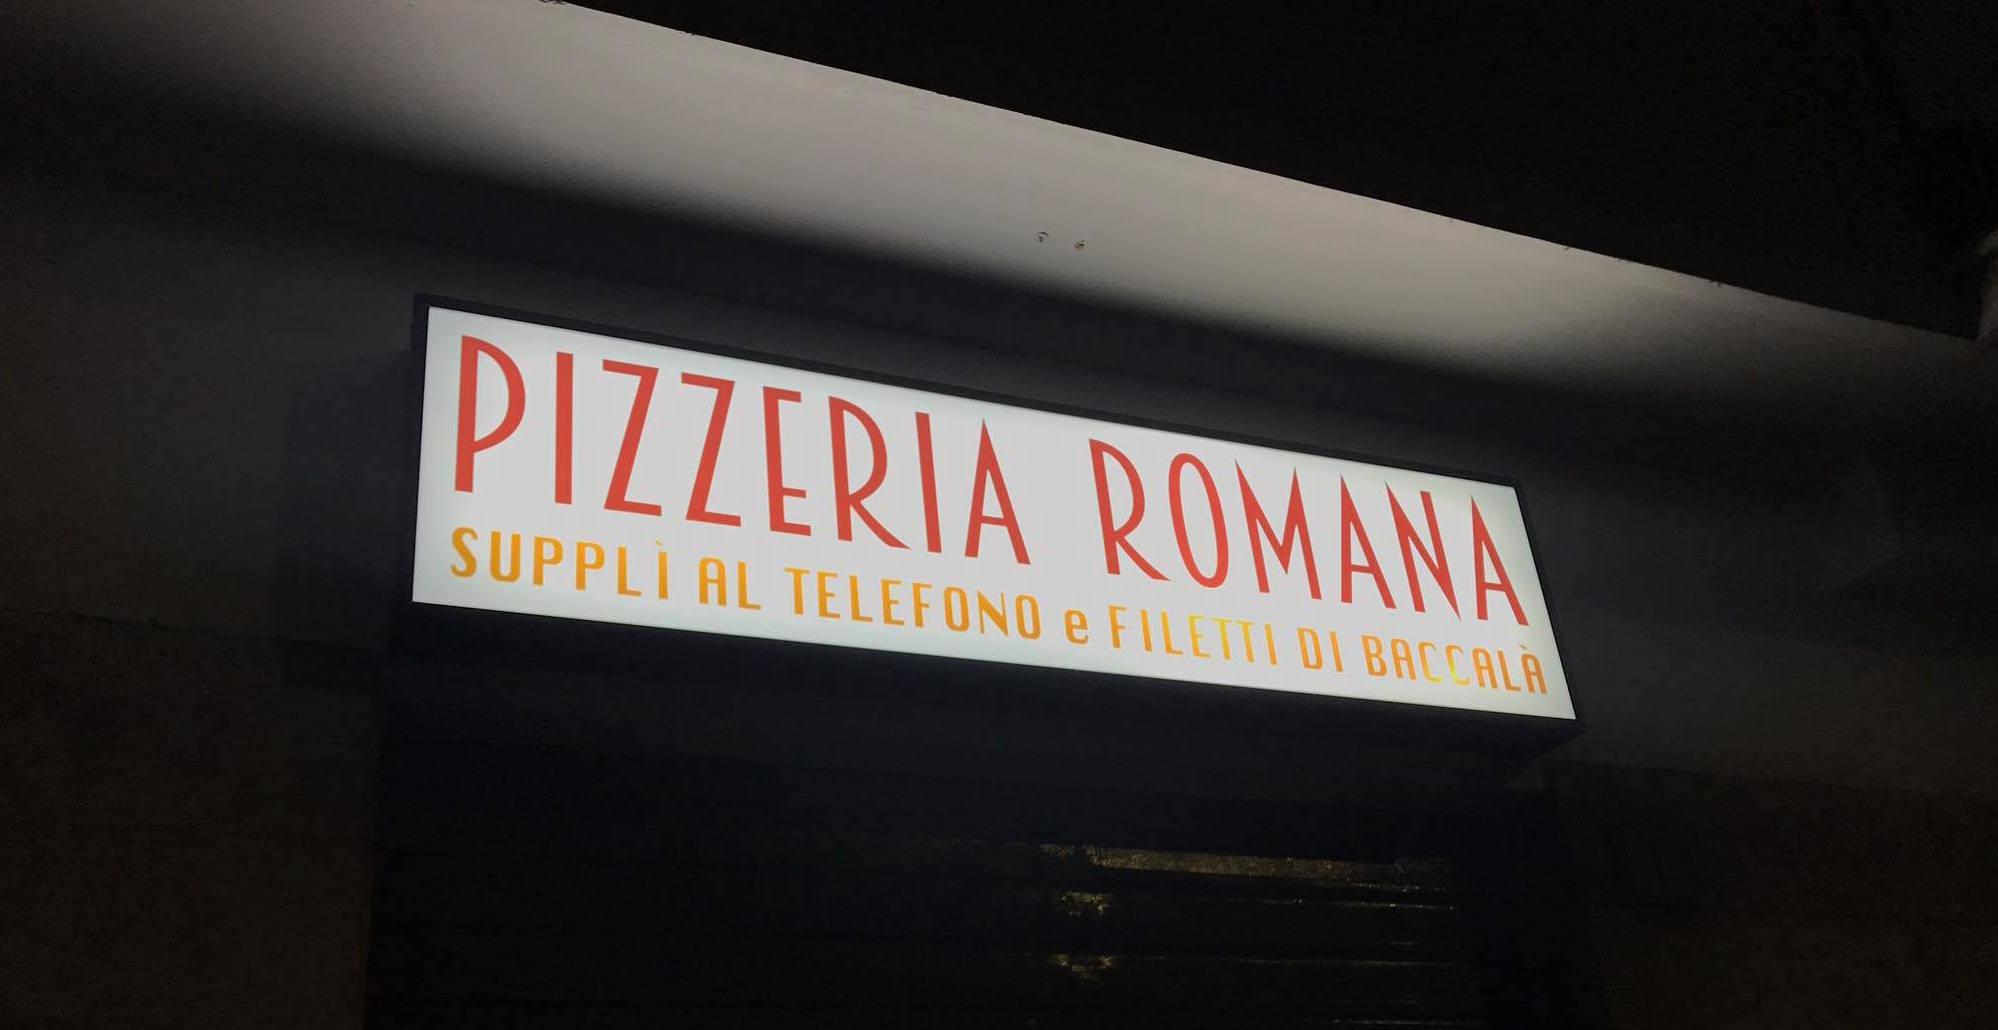 Pizzeria 180 g, una delle insegne